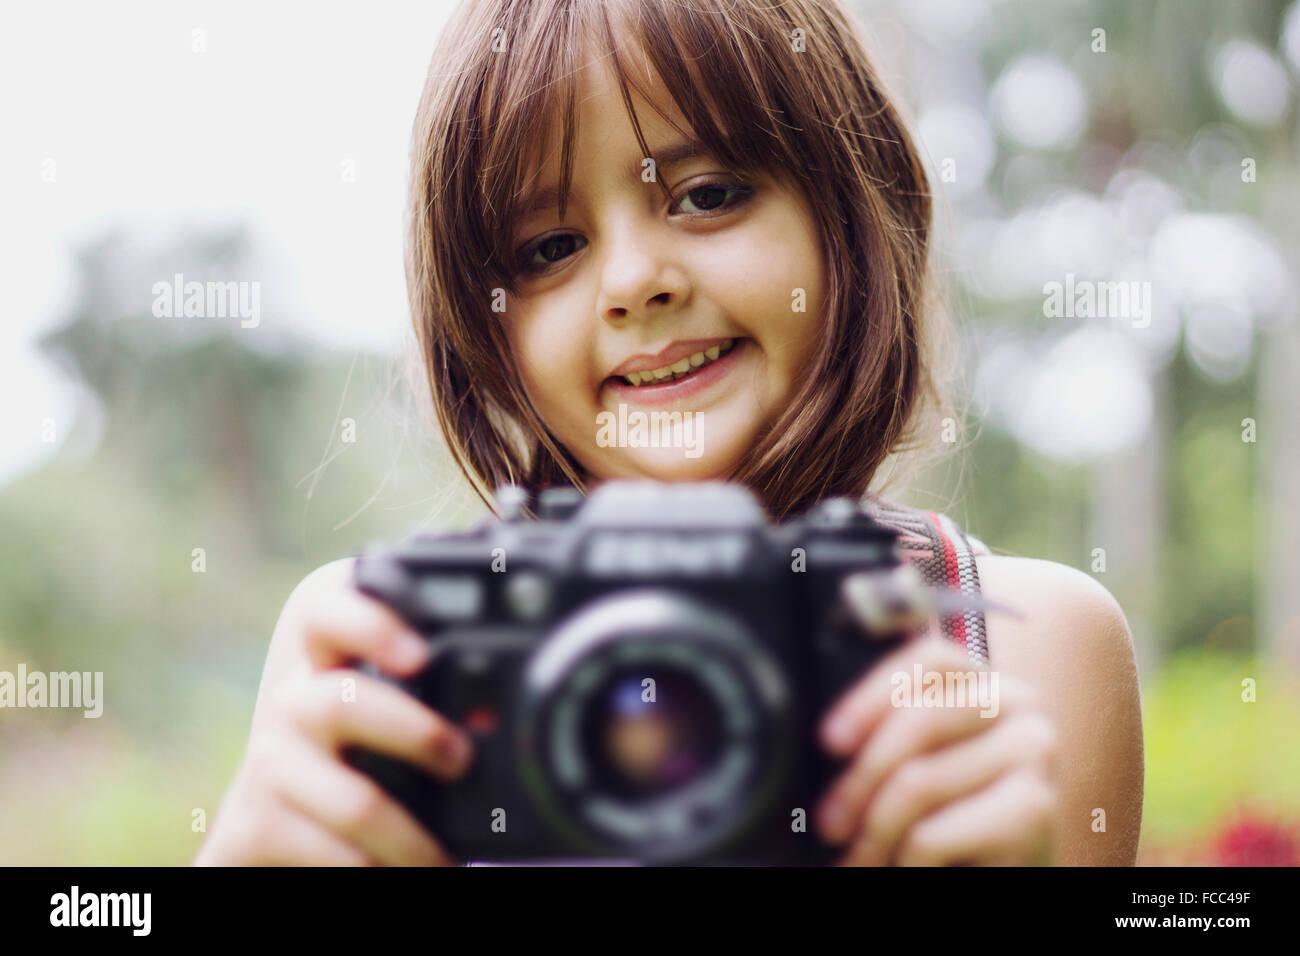 Porträt eines lächelnden Mädchens Kamera im Freien halten Stockbild